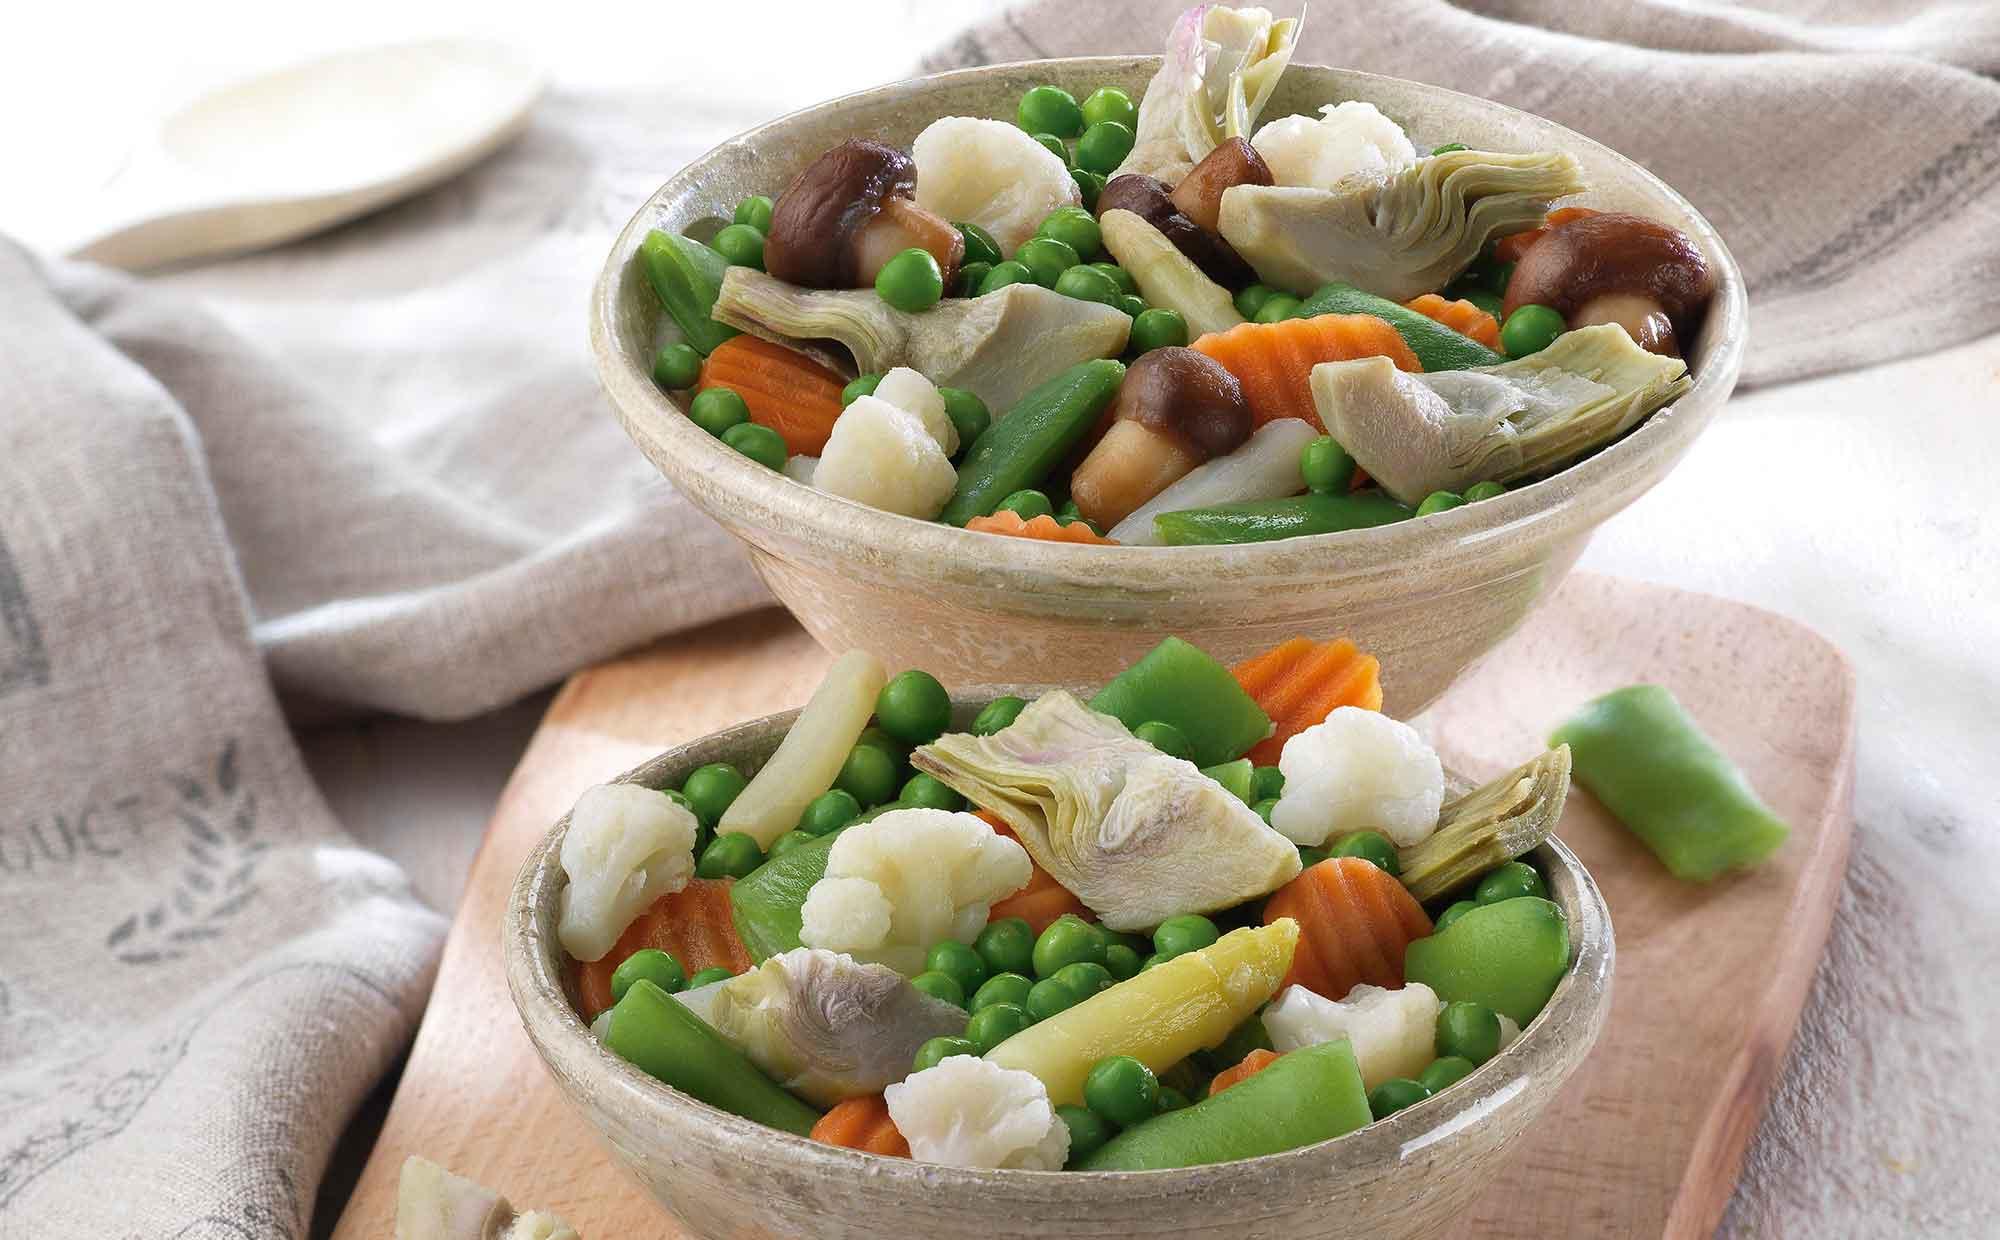 La menestra imperial cuenta con una deliciosa mezcla de verduras, tubérculos y setas.